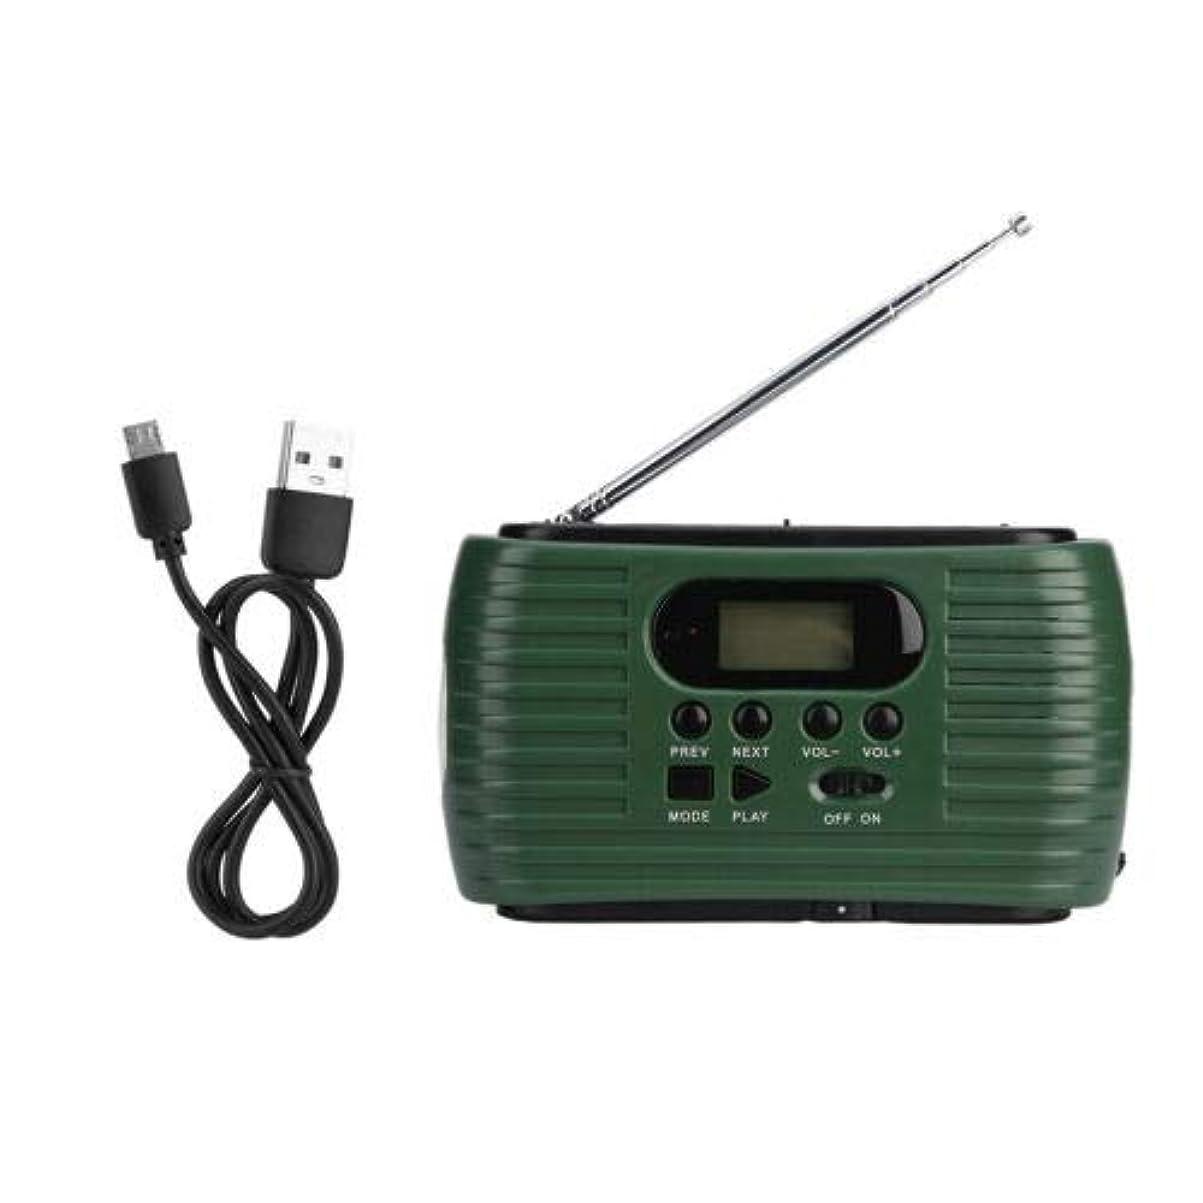 代理人紳士証拠FidgetGear ポータブルハンドクランクソーラーパワーサプライ緊急AM / FMラジオMP3音楽プレーヤー5V Green